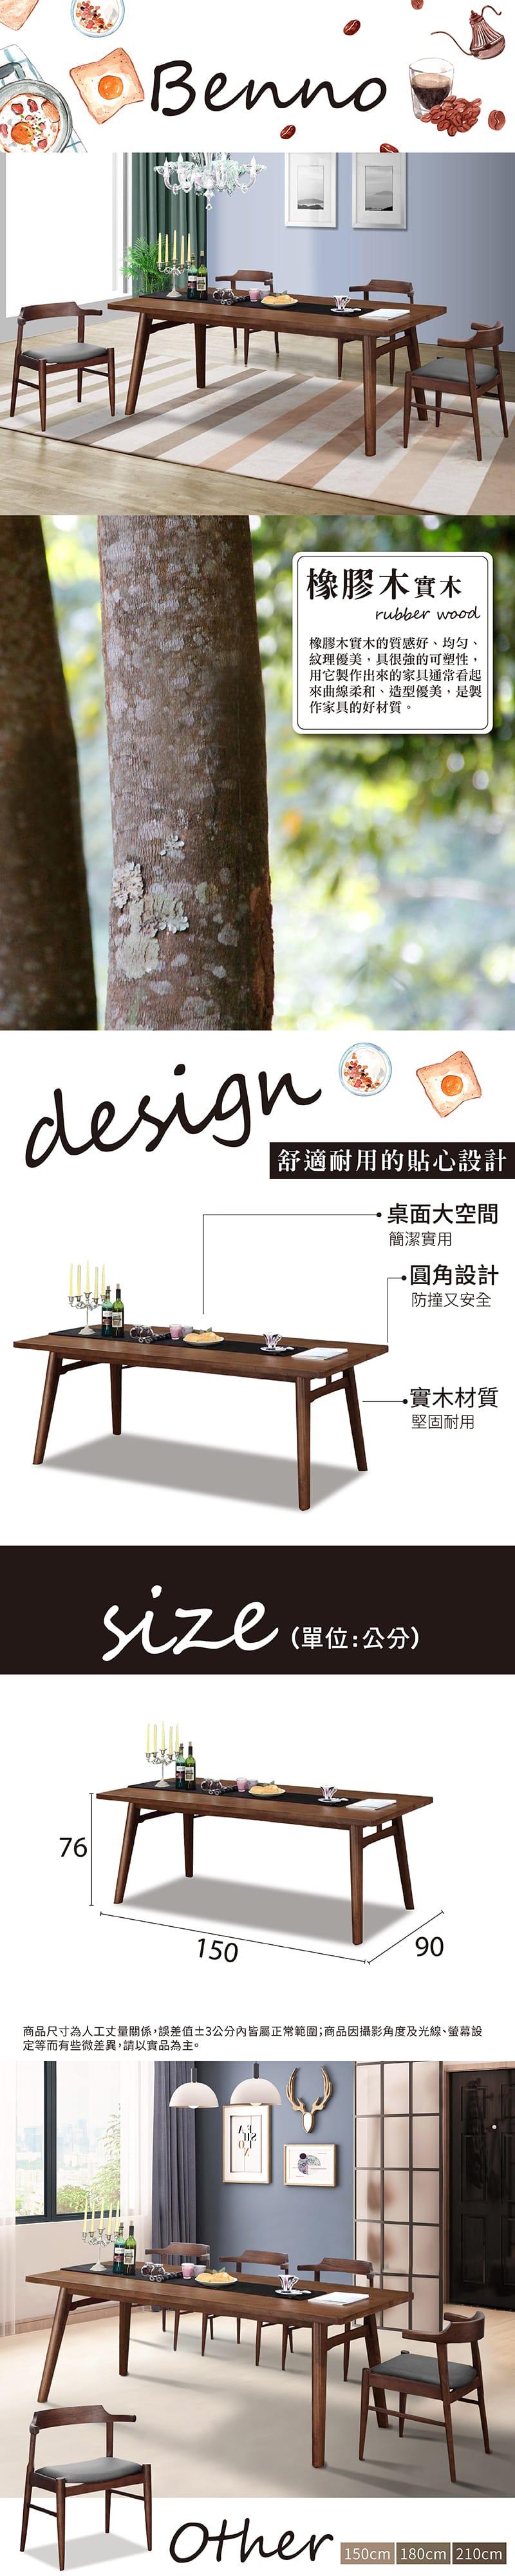 班諾 實木餐桌 寬150cm